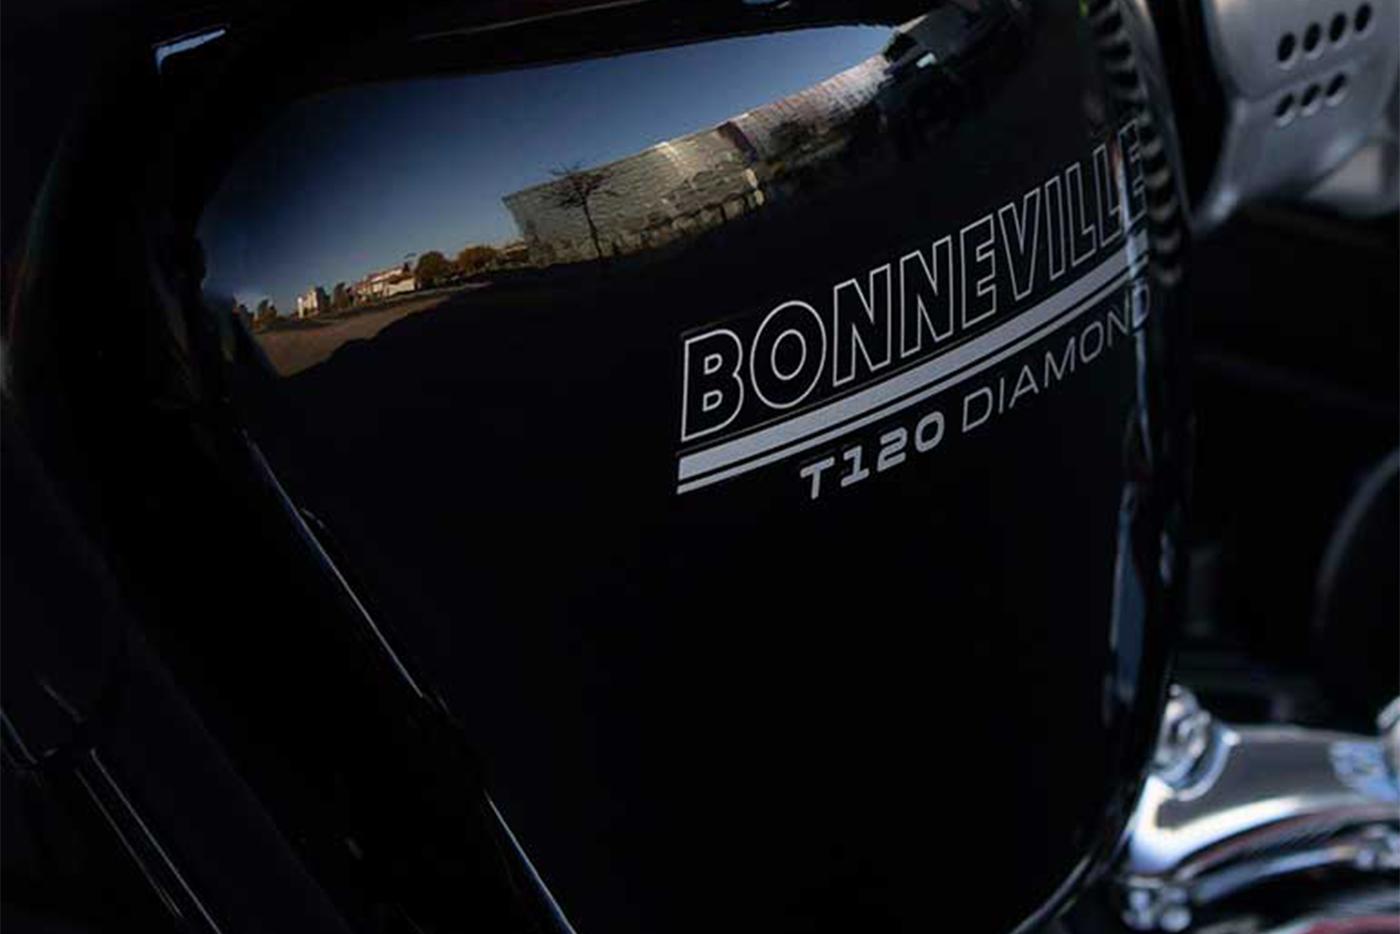 triumph-bonneville-t120-diamond-4.jpg